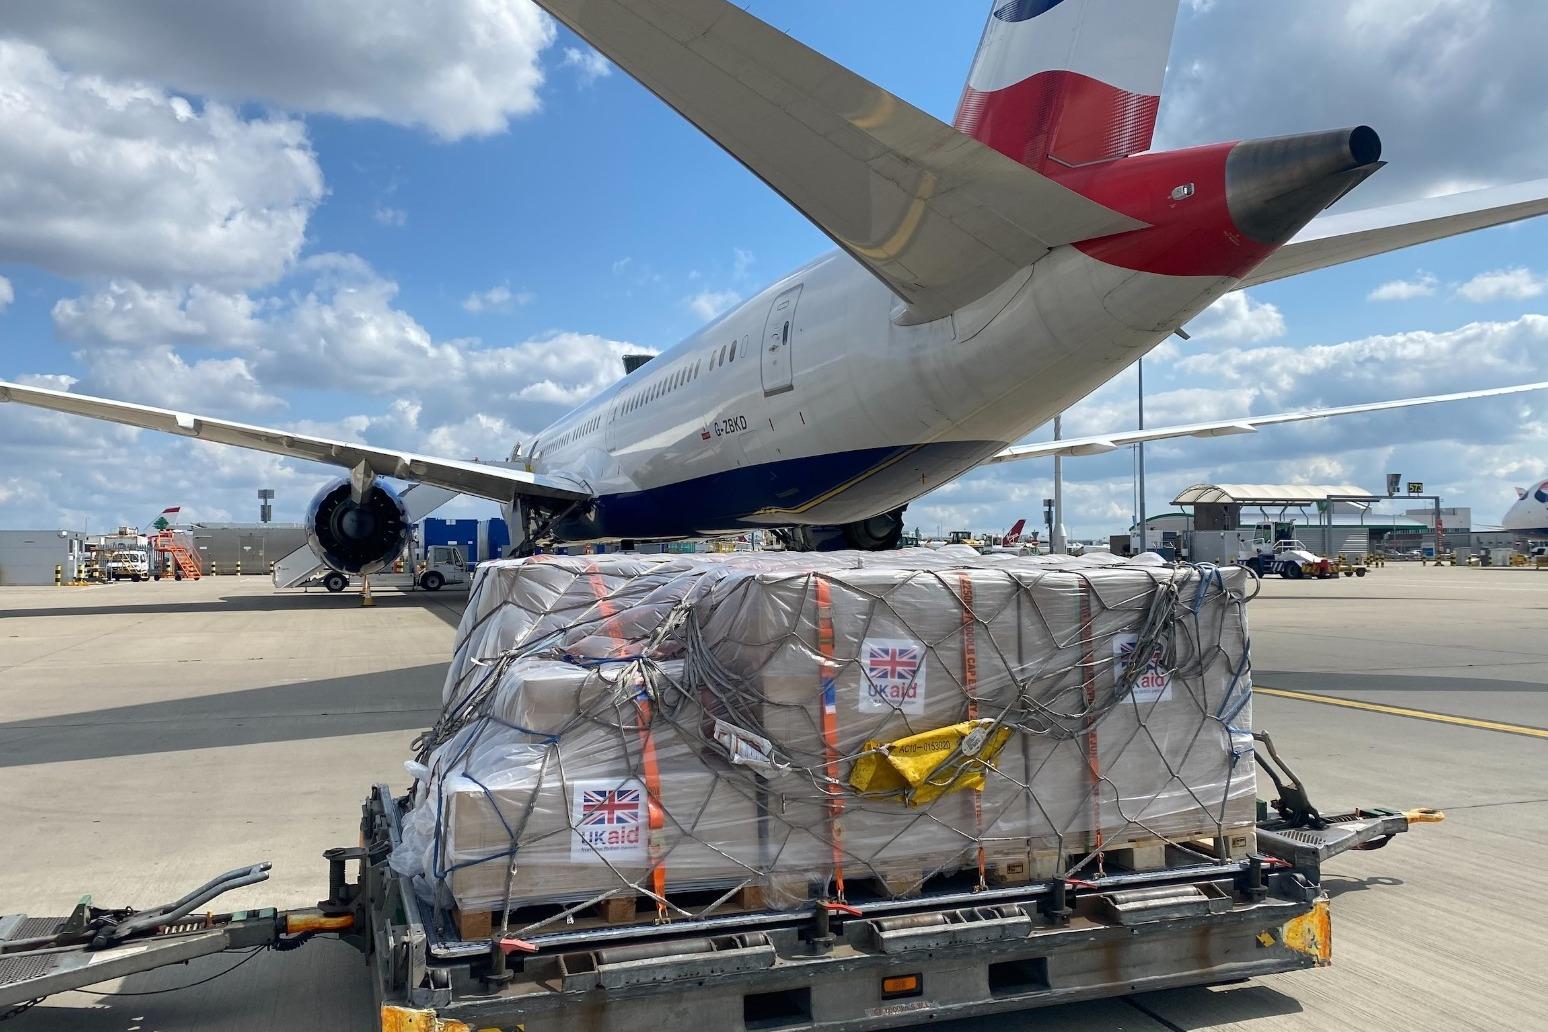 Royal Navy aircraft assisting US aid efforts in Haiti